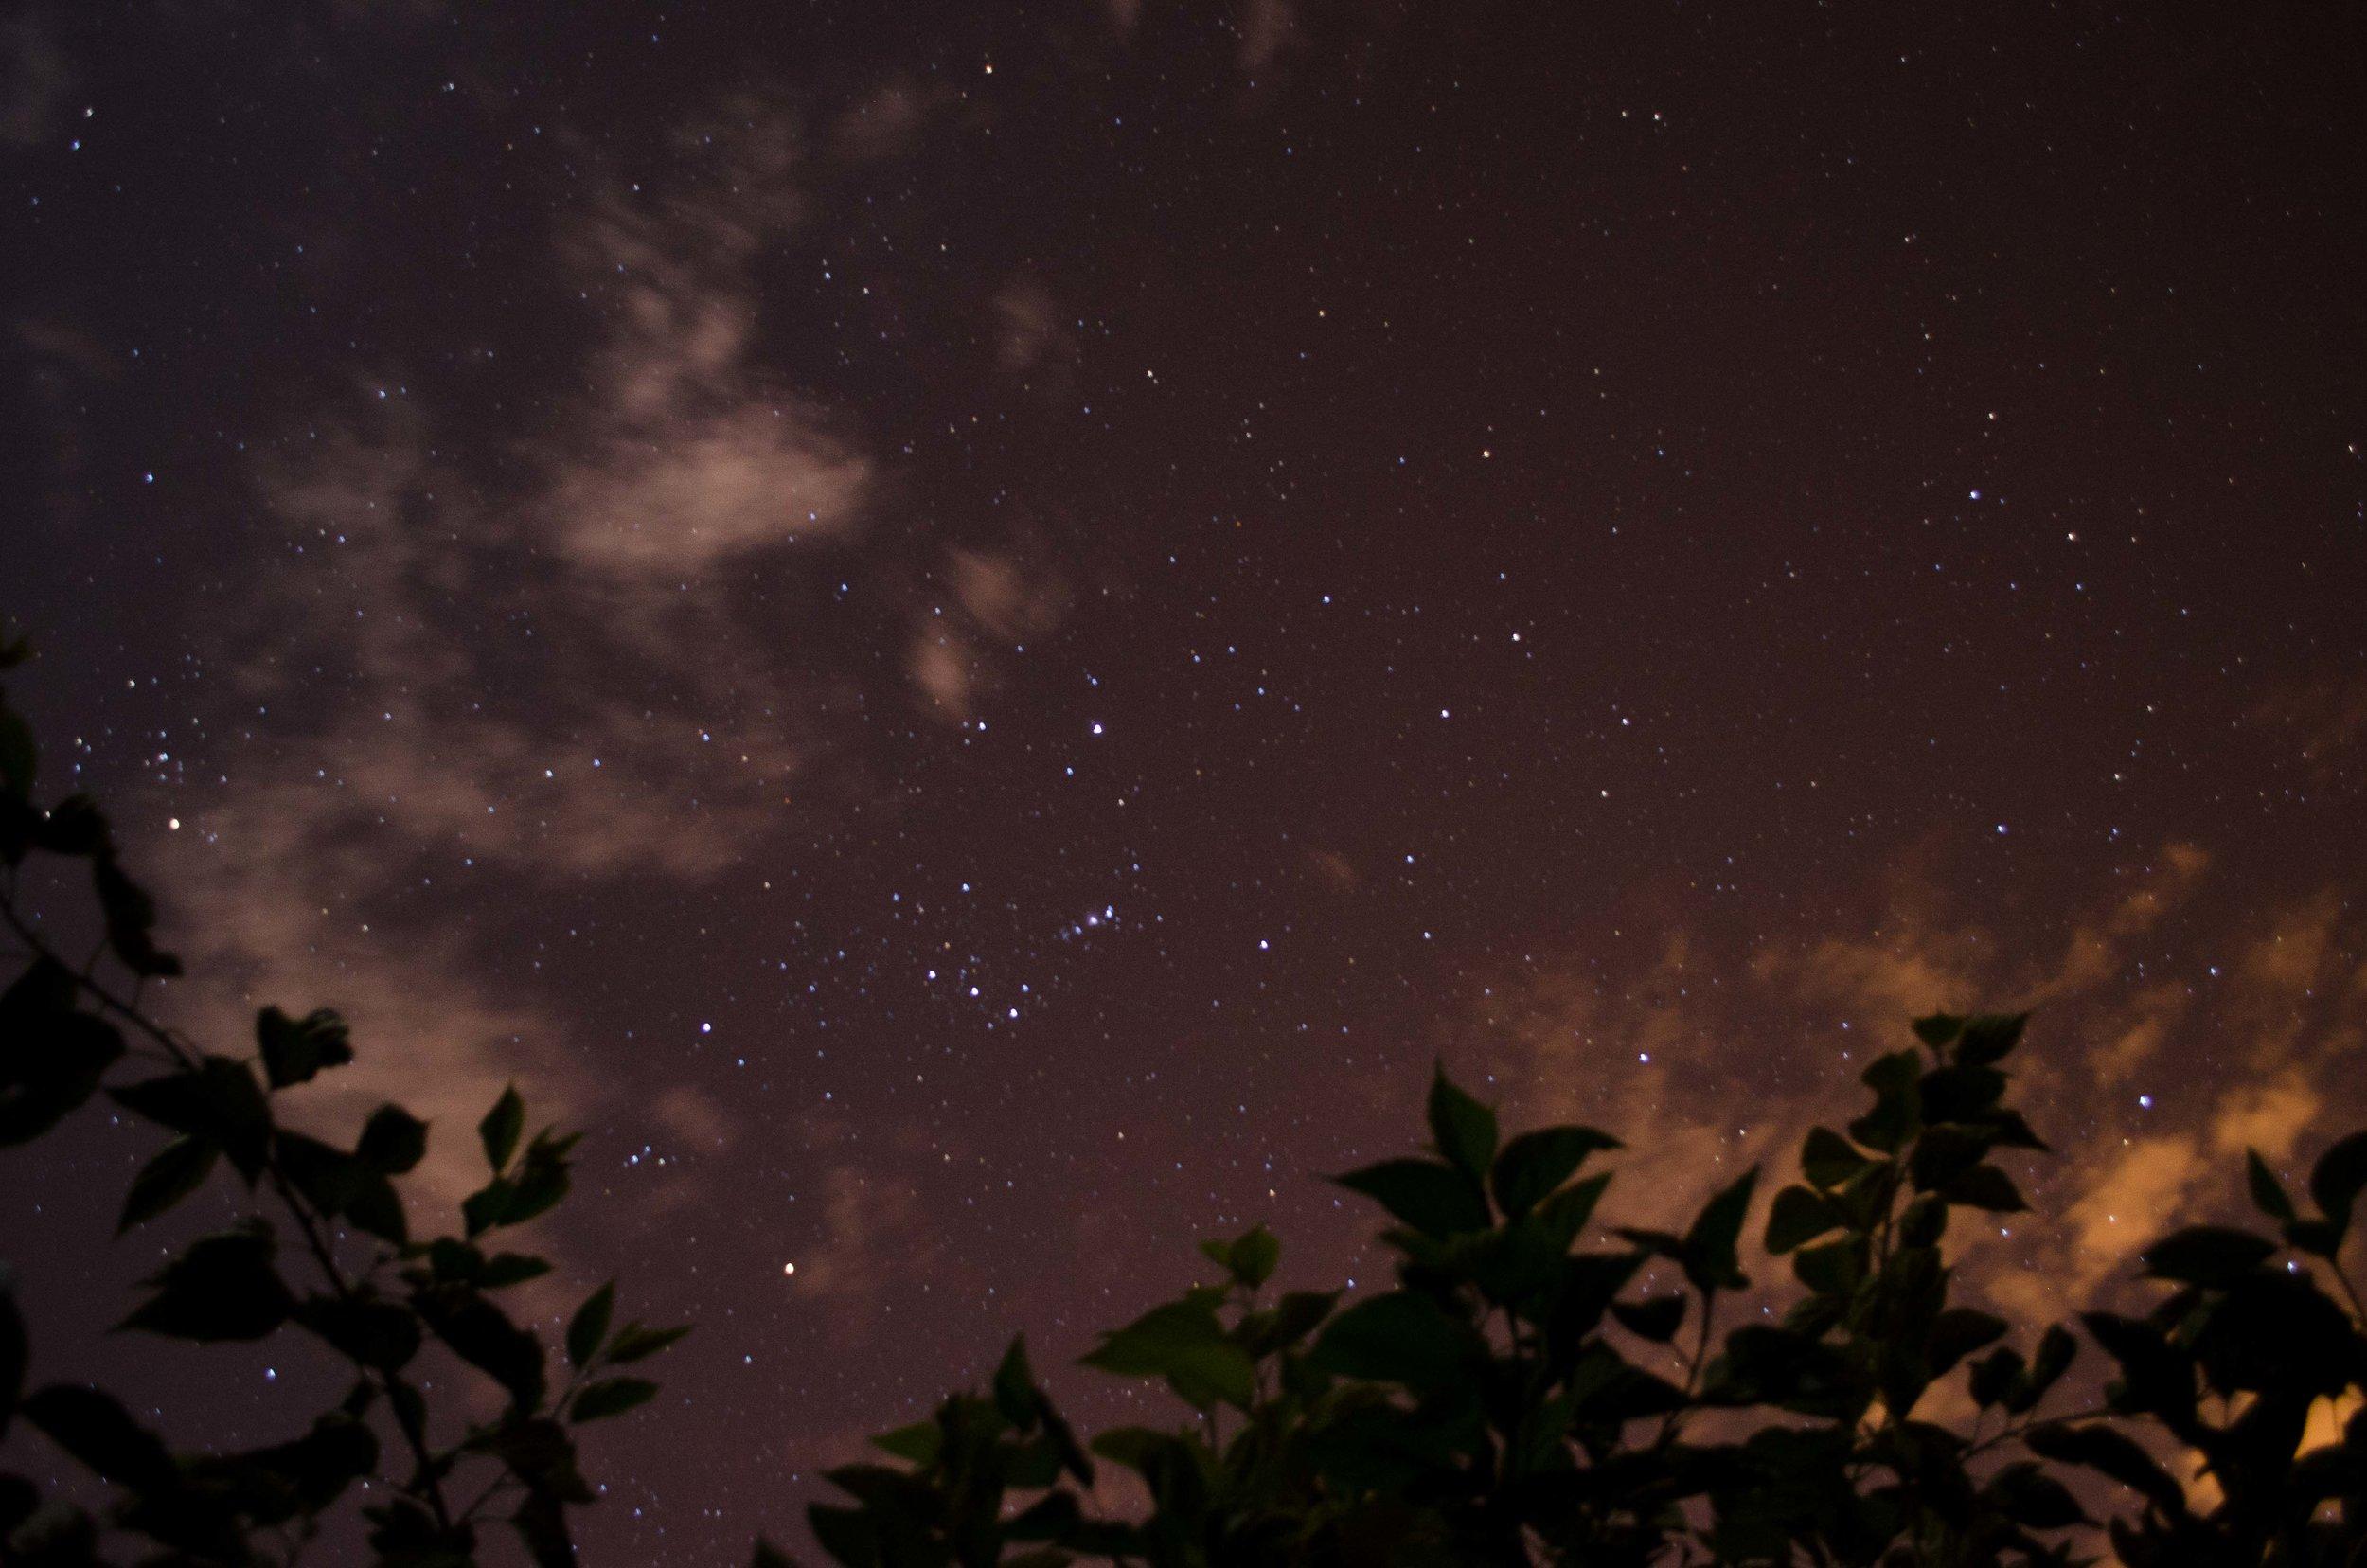 Night sky at the farm